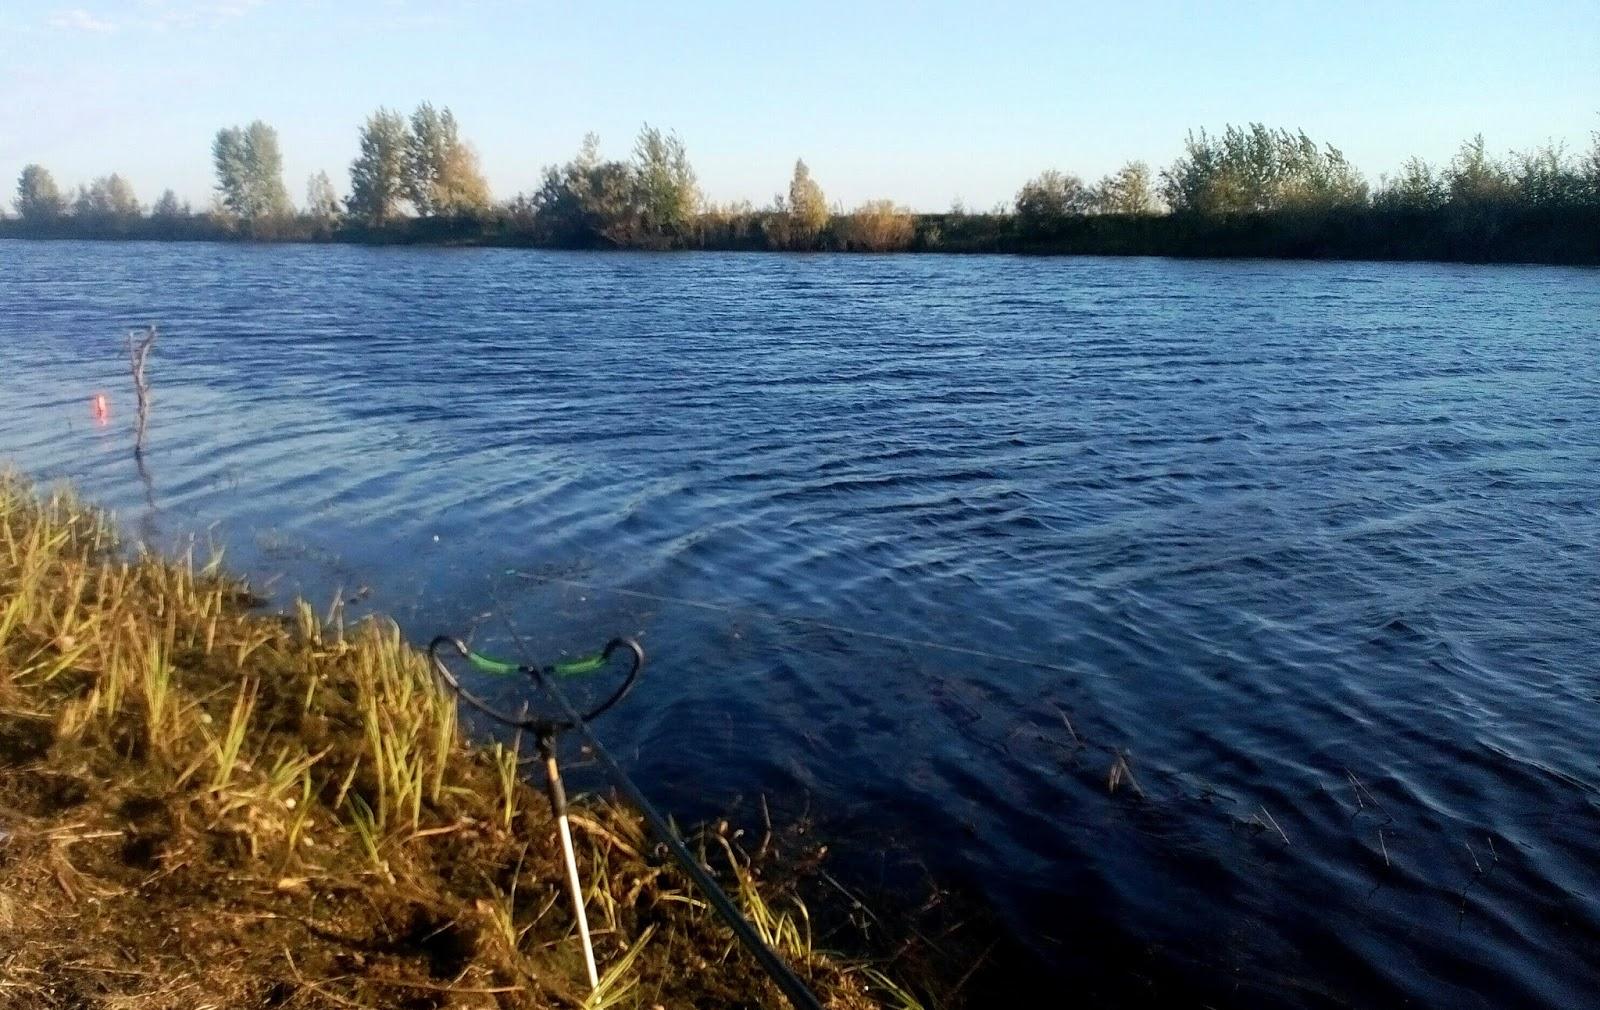 Река тугочайка омская область фото